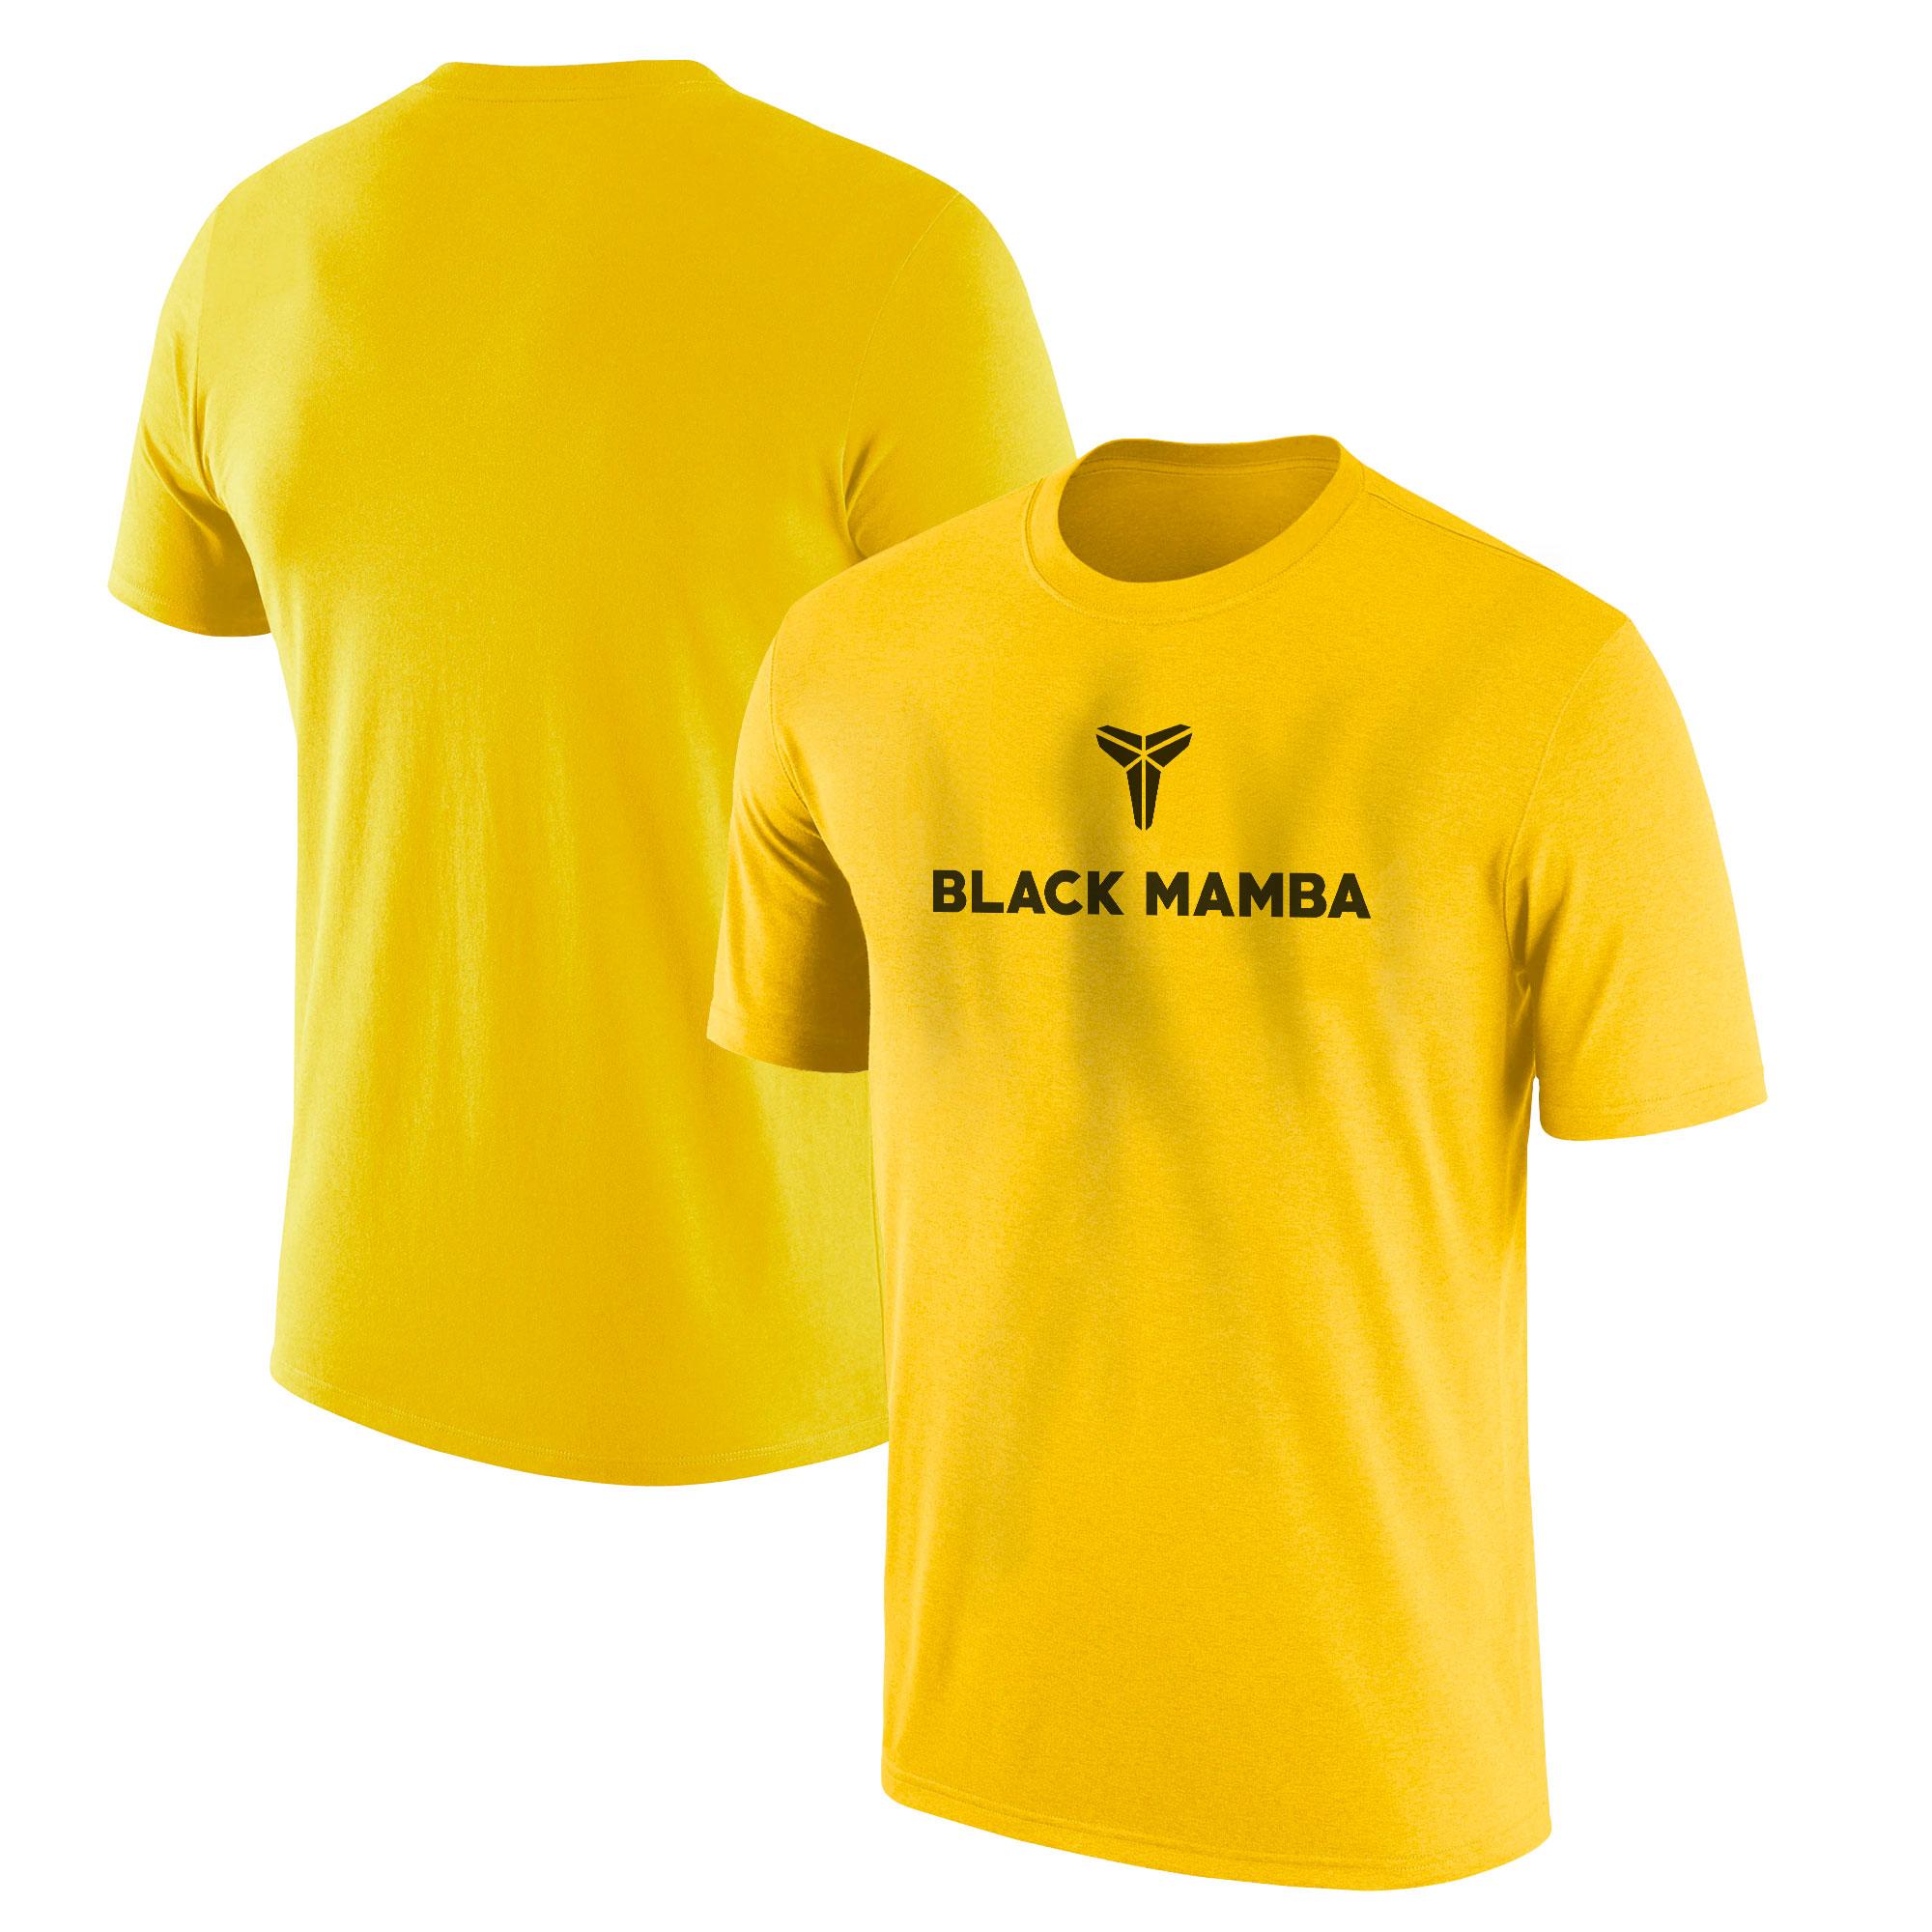 Kobe Bryant Tshirt (TSH-YLW-PLYR-NP-388-BLACK.MAMBA)